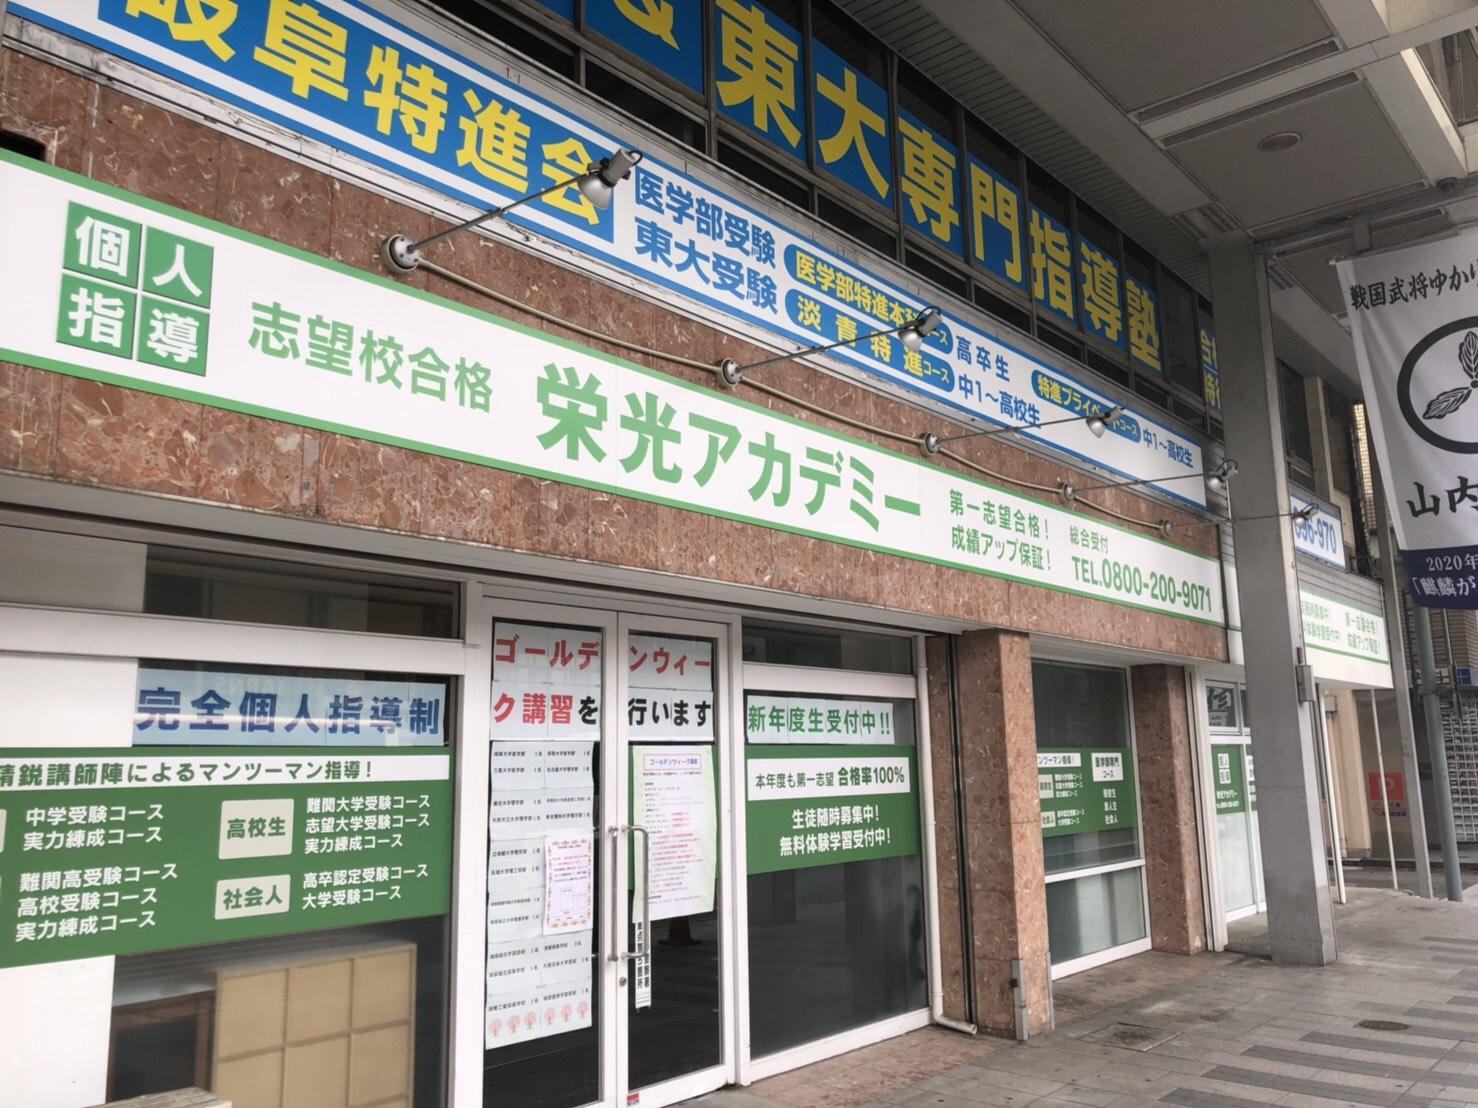 和菓子屋の開業資金と黒字経営に成功するコツまとめ